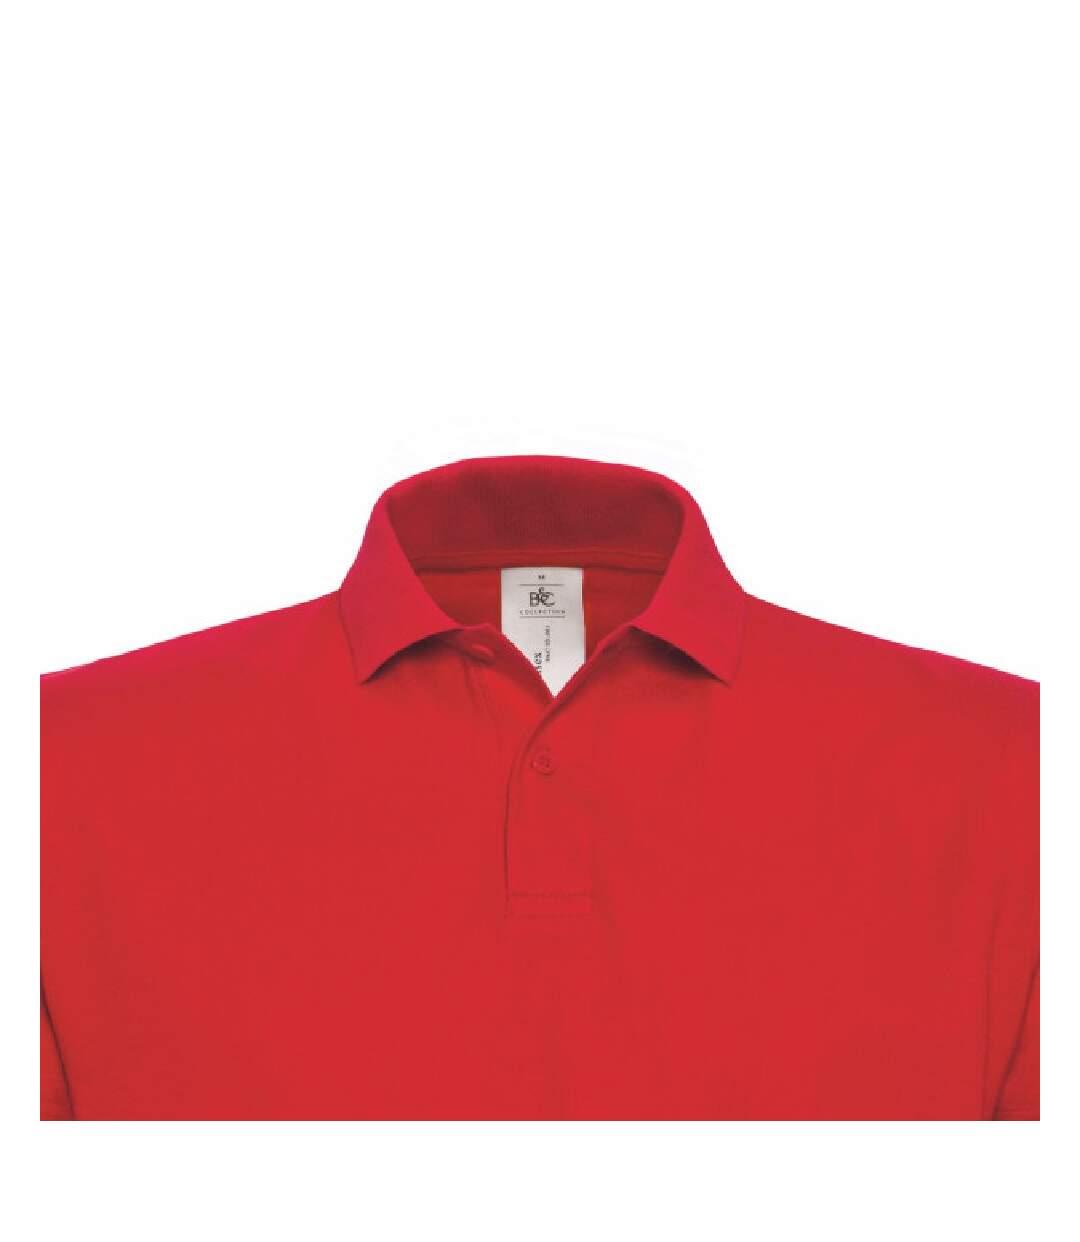 B&C - Polo À Manches Courtes - Femme (Rouge) - UTBC1285